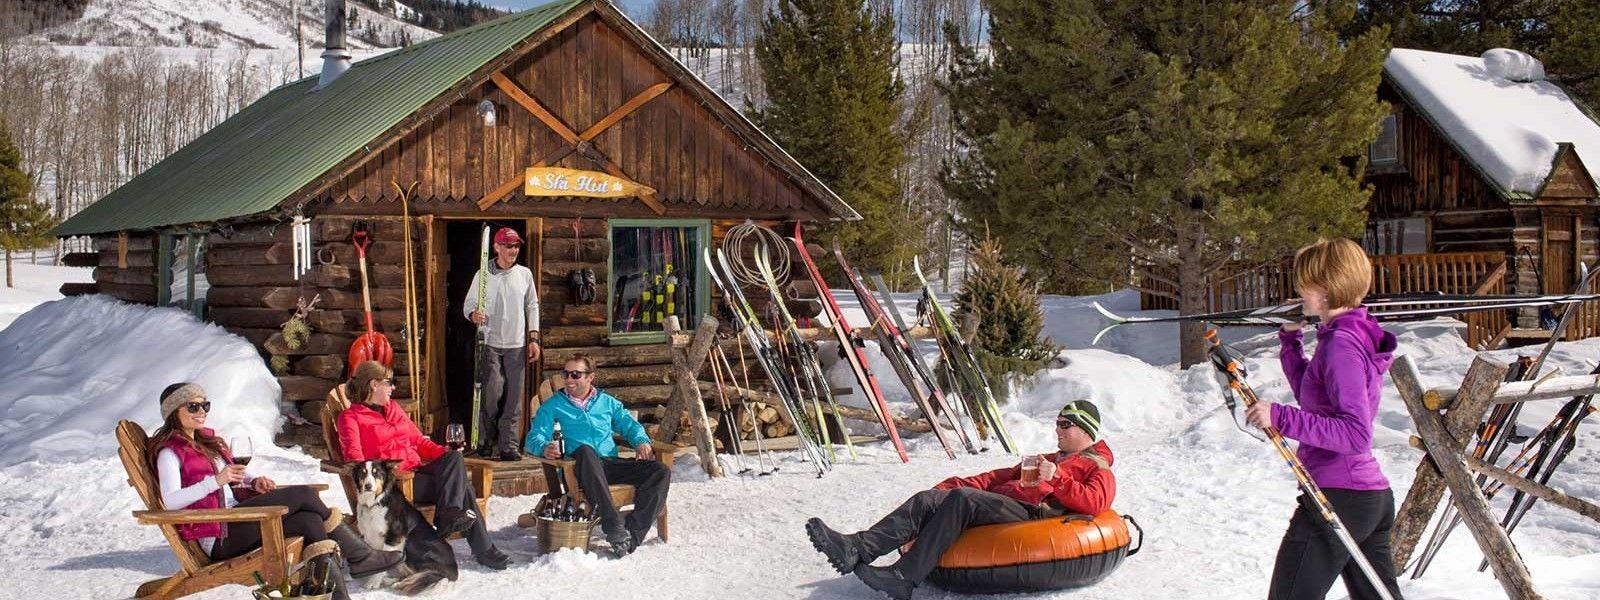 Colorado Cabin Rentals Winter Vacation Paradise near